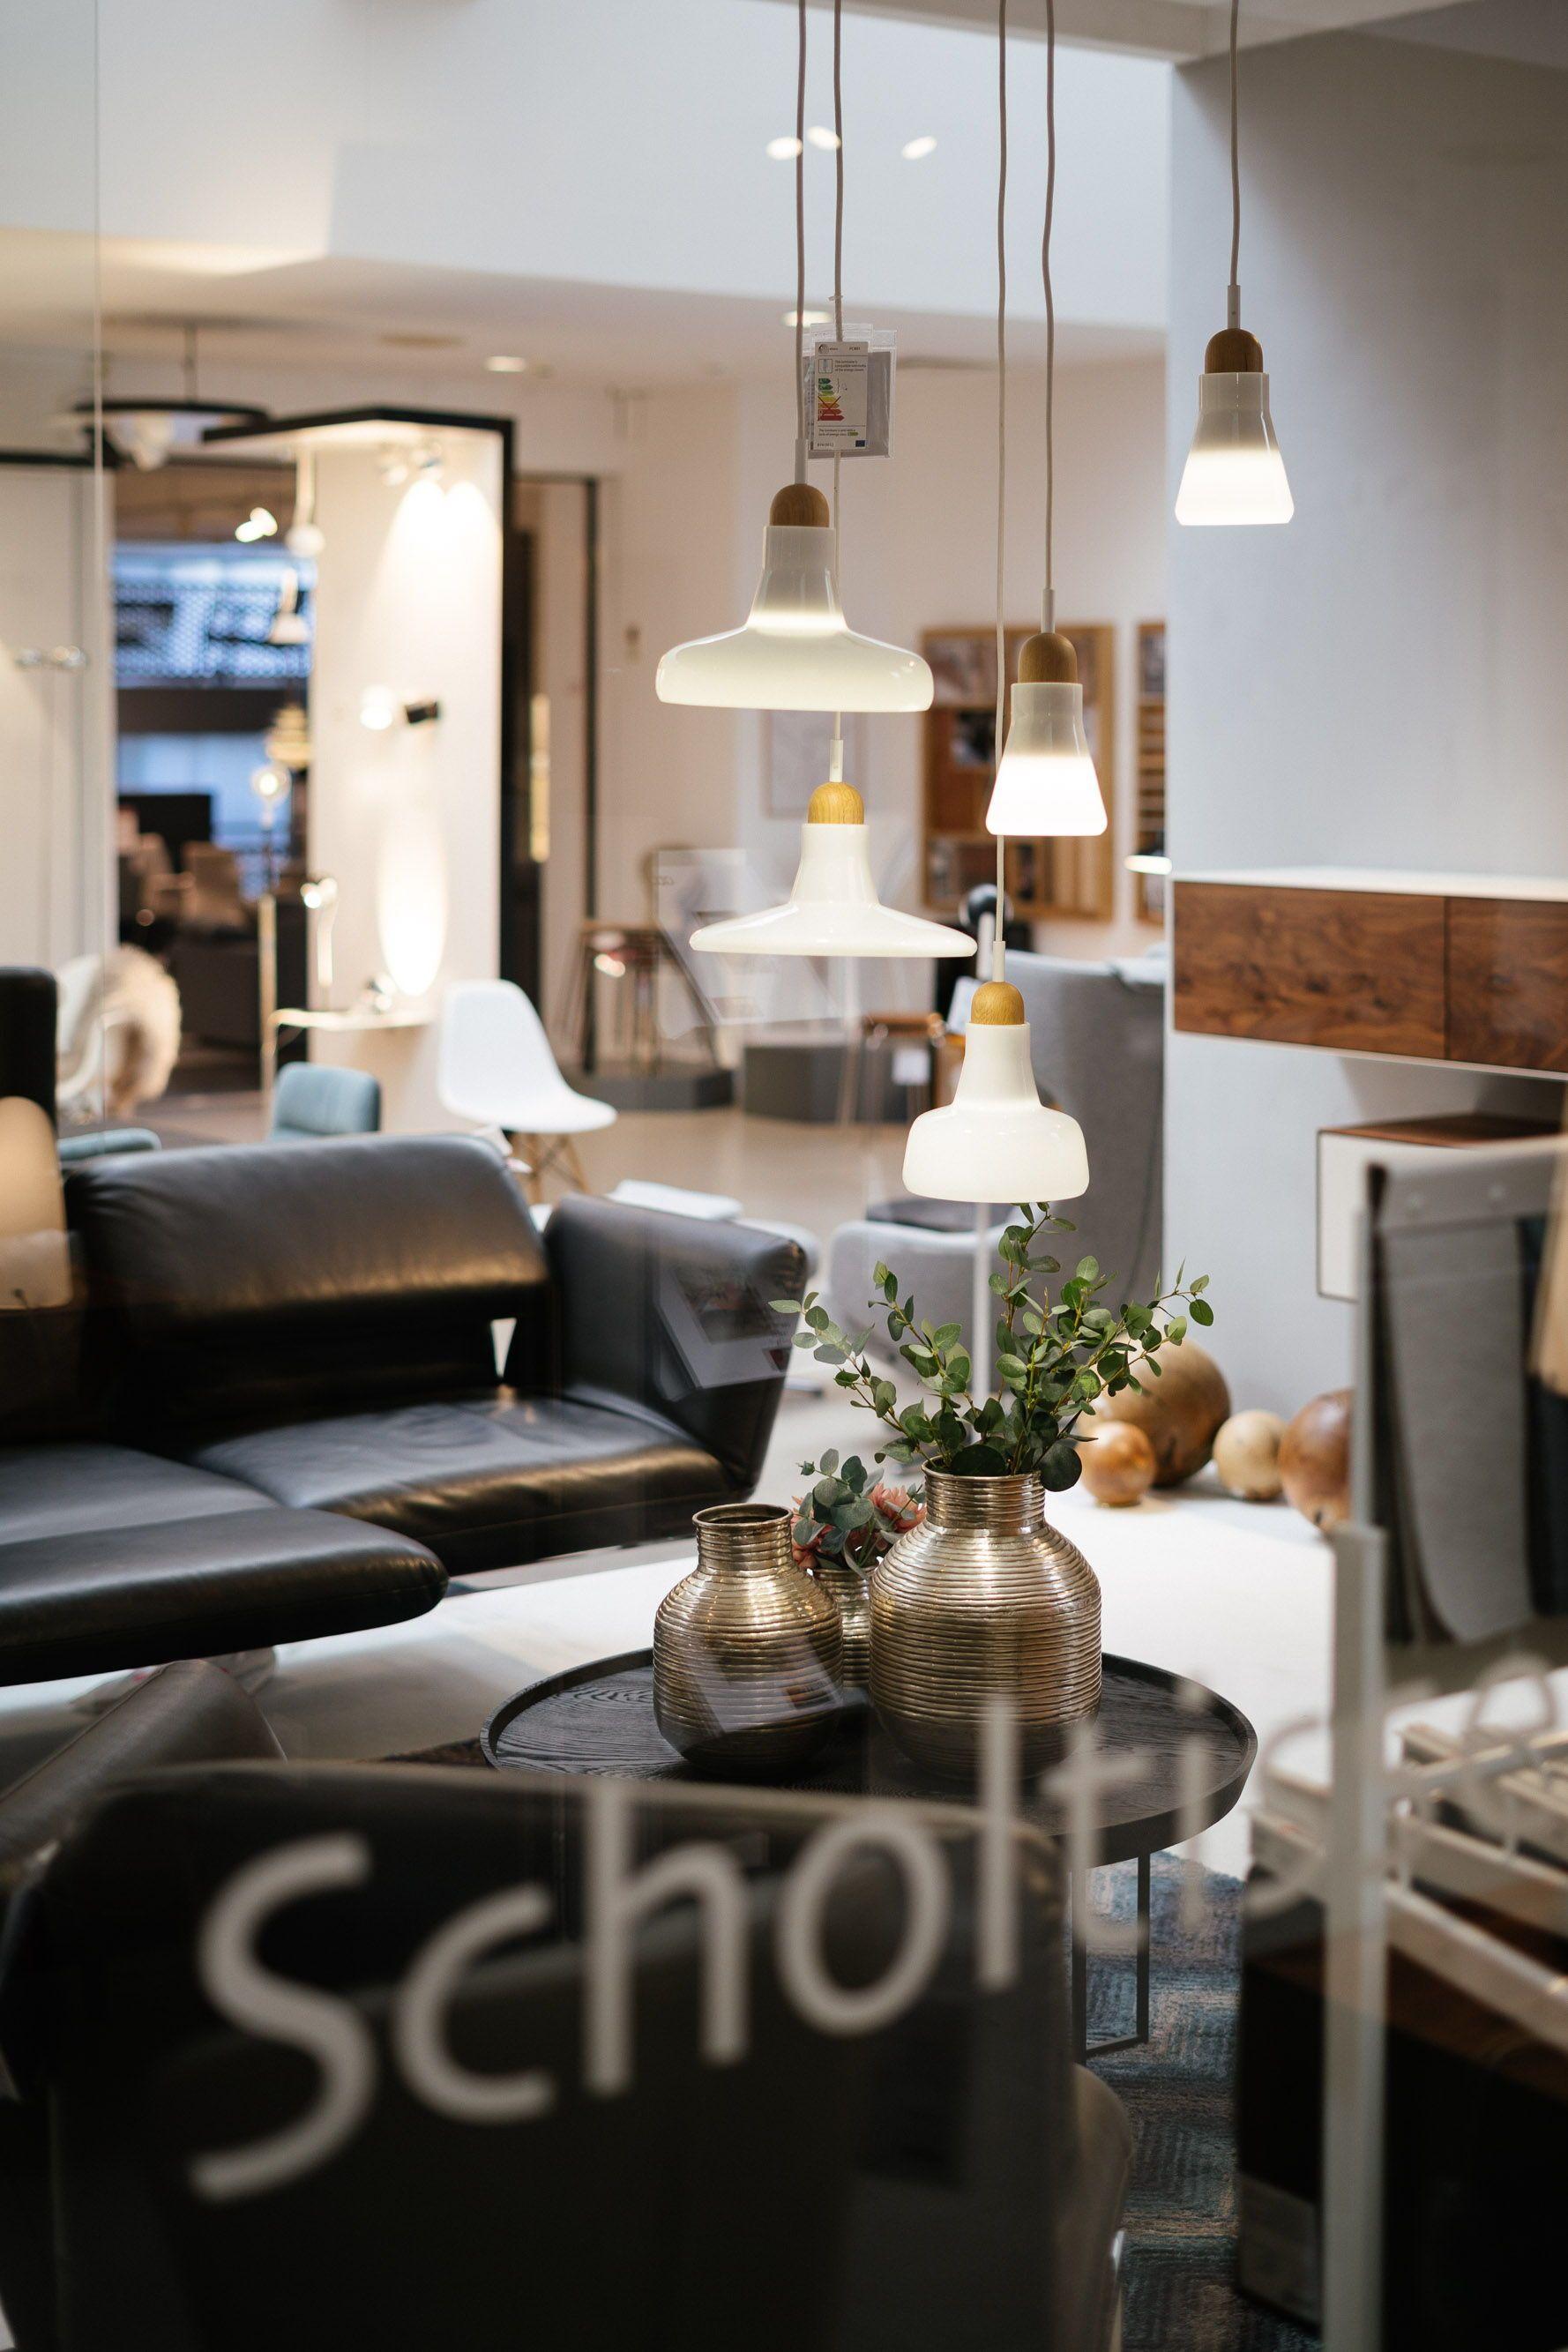 Drifte Driftewohnform Moers Einrichtungshaus Wohnen Einrichten Niederrhein Scholtissek Licht Leuchten Wohnzimmer Sofa Couch Wohnen Haus Deko Haus